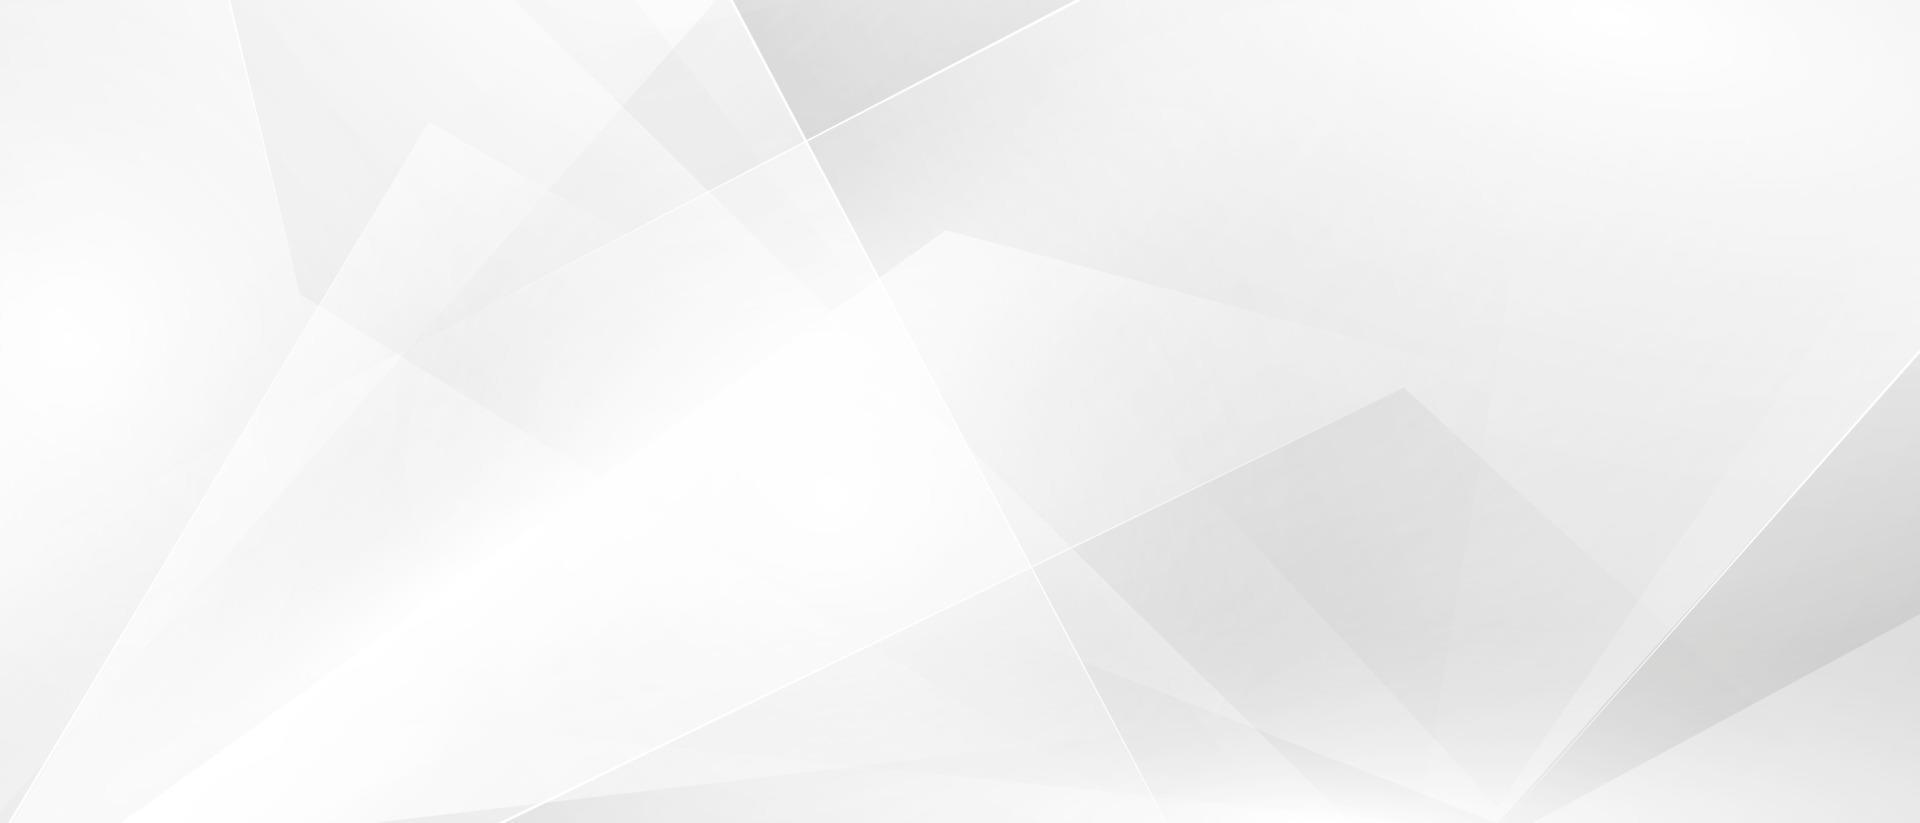 cartaz abstrato com fundo branco dinâmico. ilustração em vetor tecnologia rede.